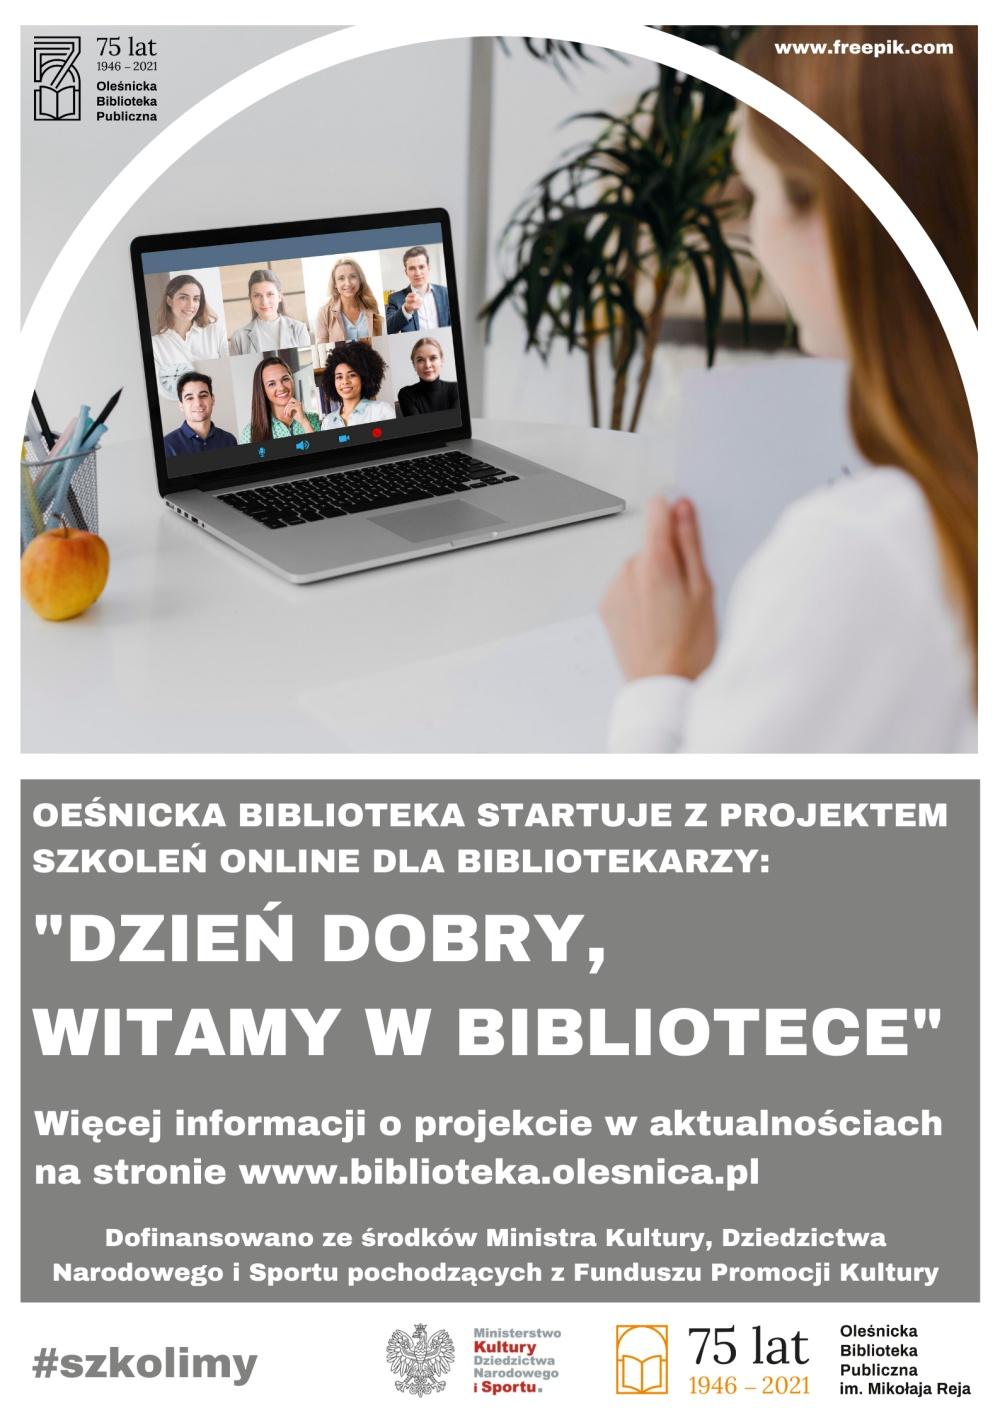 Plakat promujący szkolenia w ramach projektu